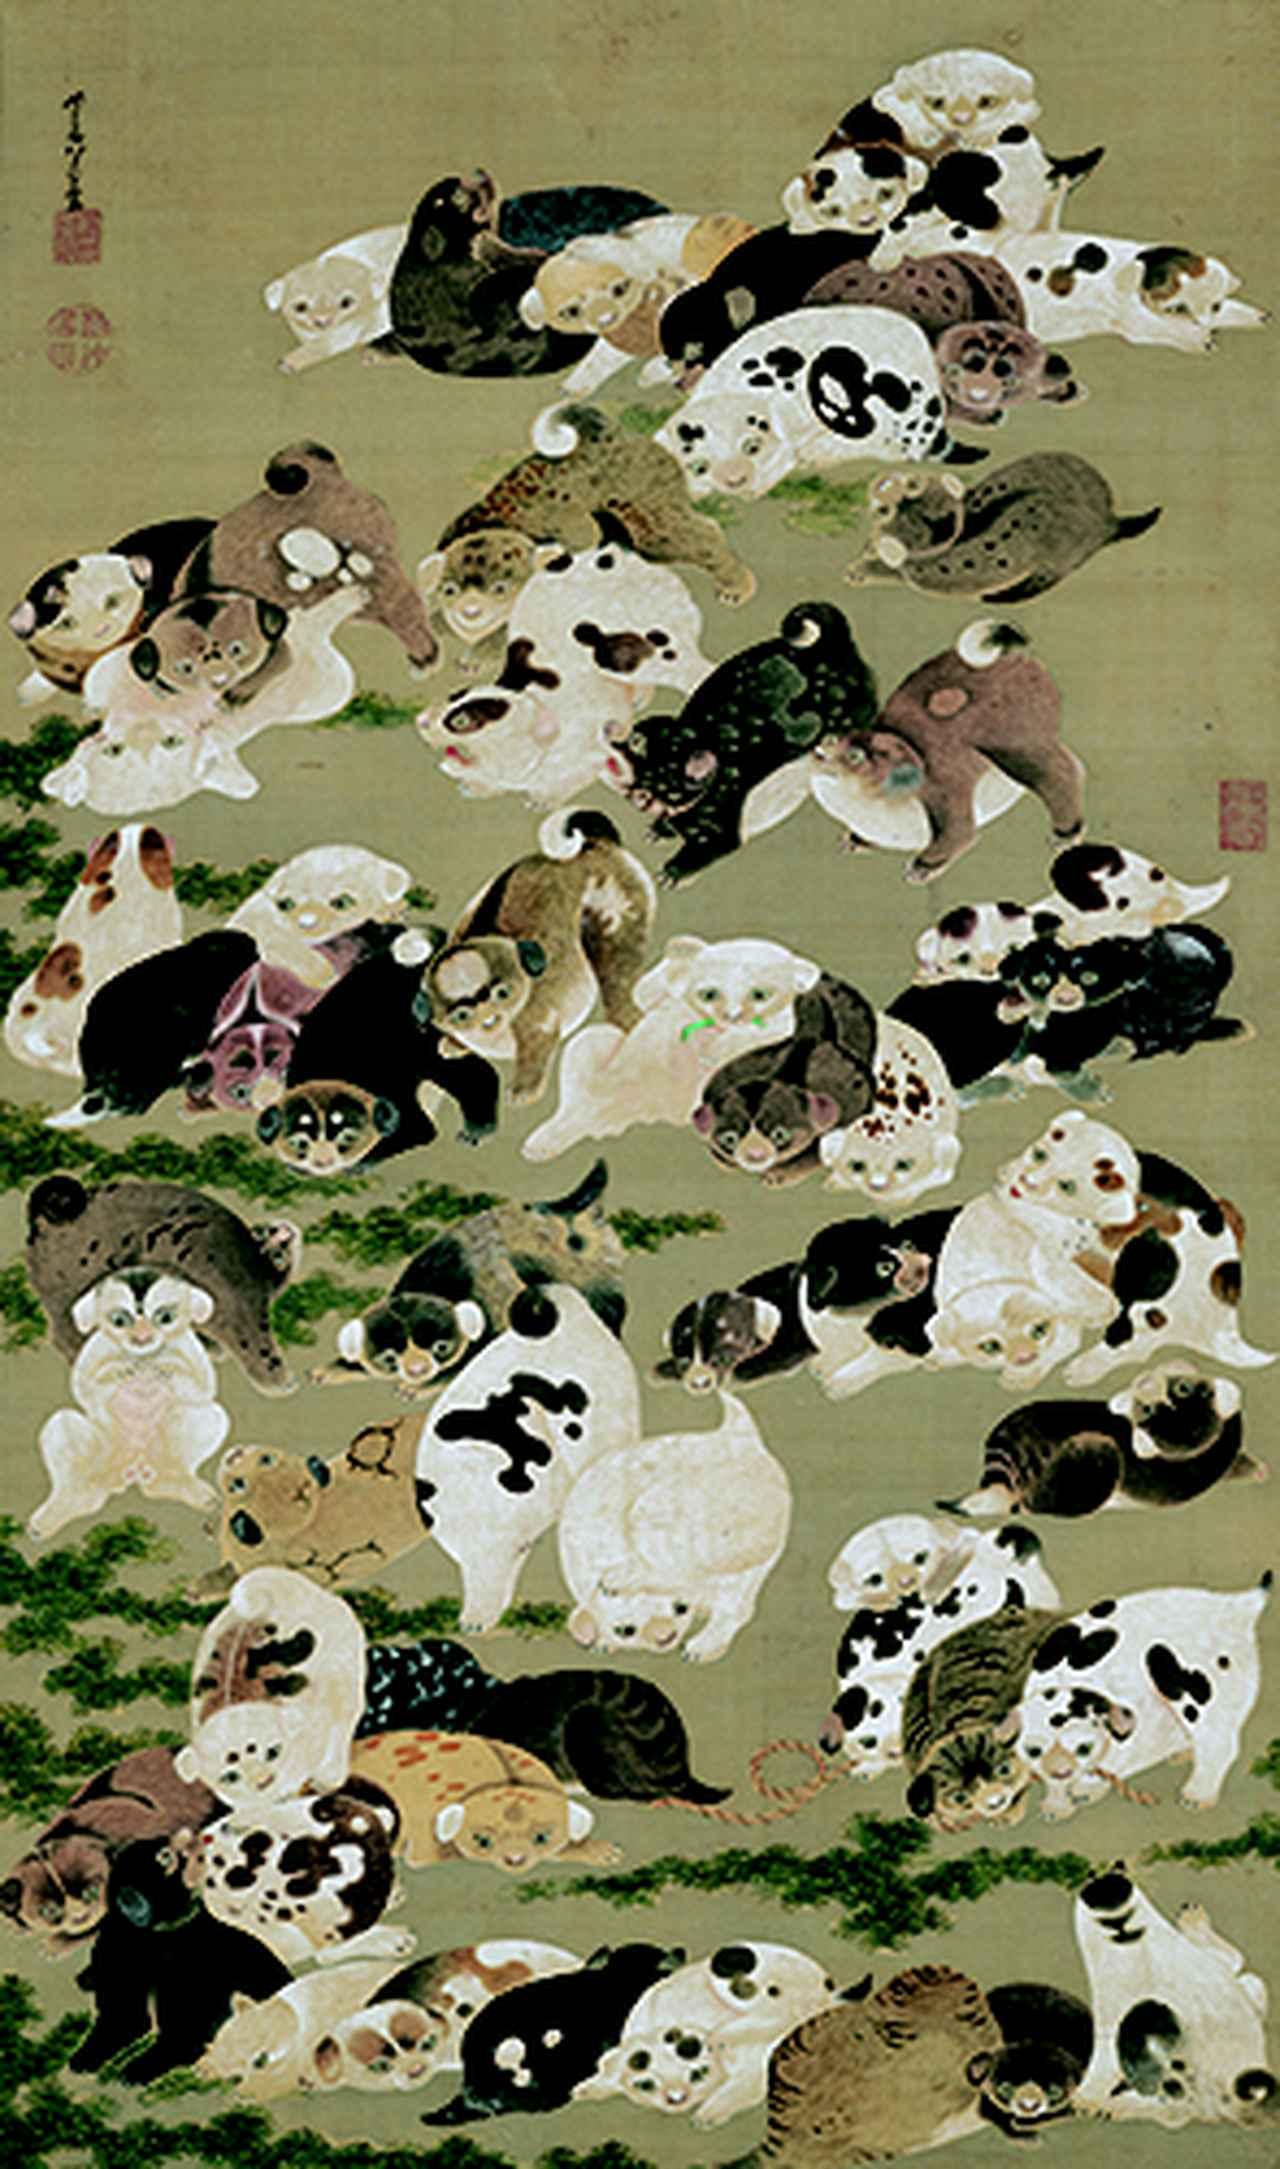 画像: 《百犬図》絹本著色 寛政11年(1799) 個人蔵